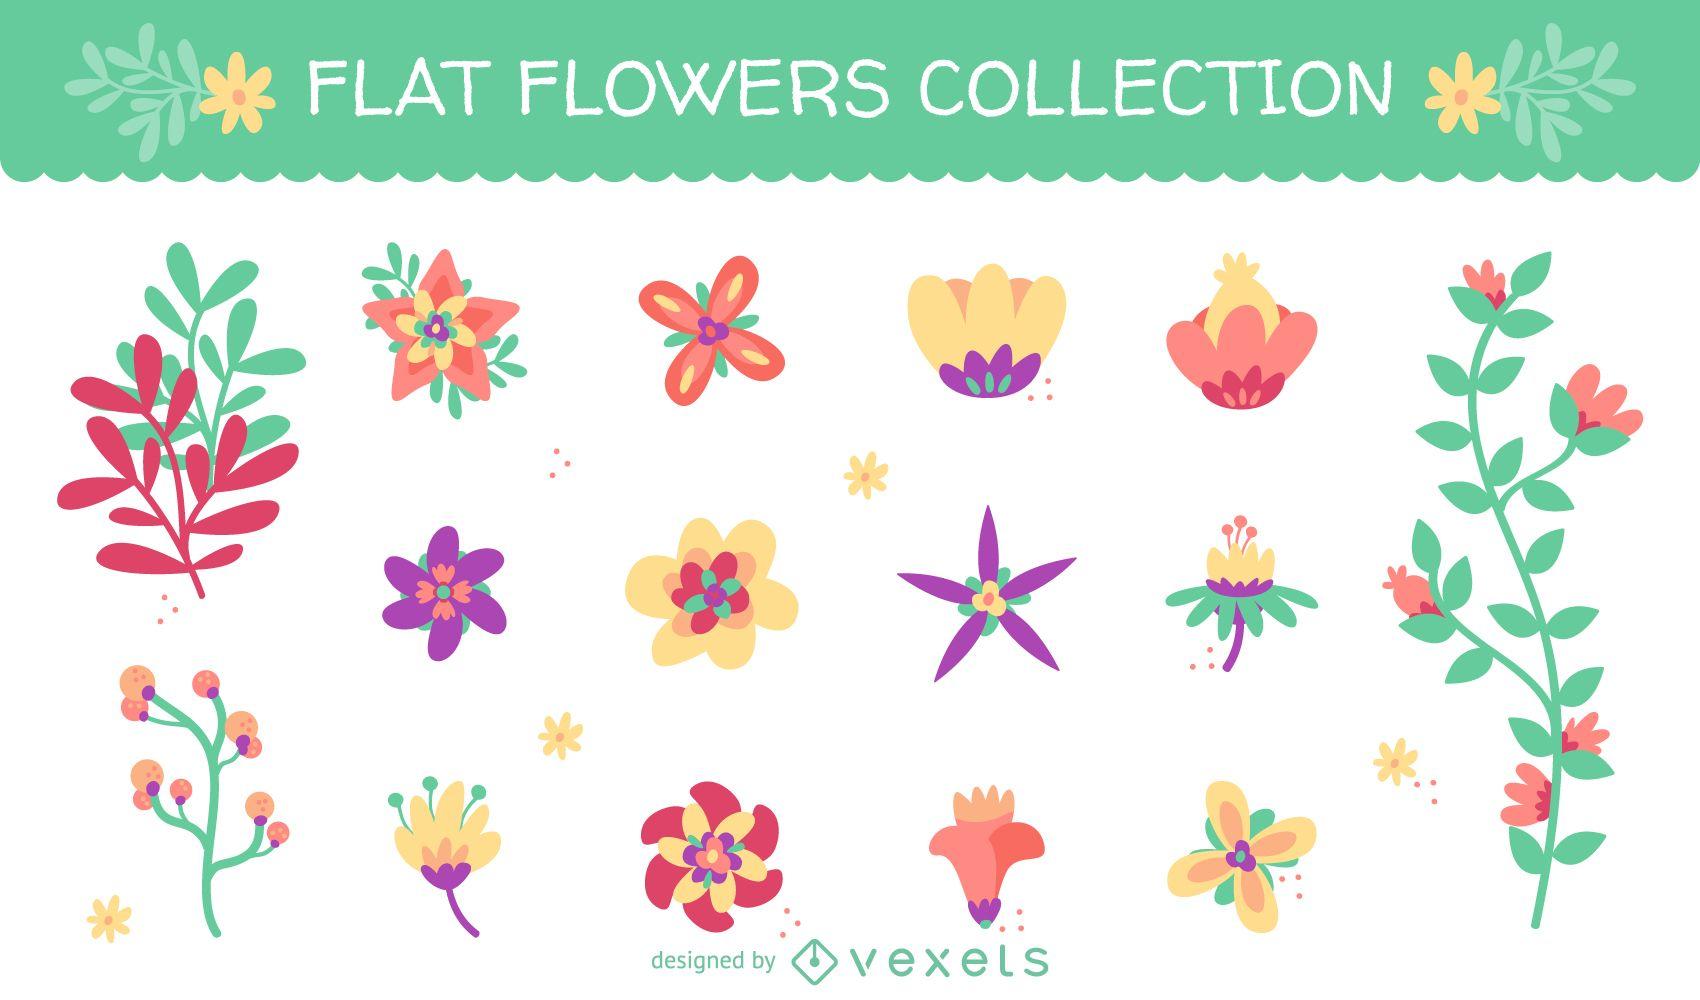 Gran conjunto con 15 ilustraciones de flores planas